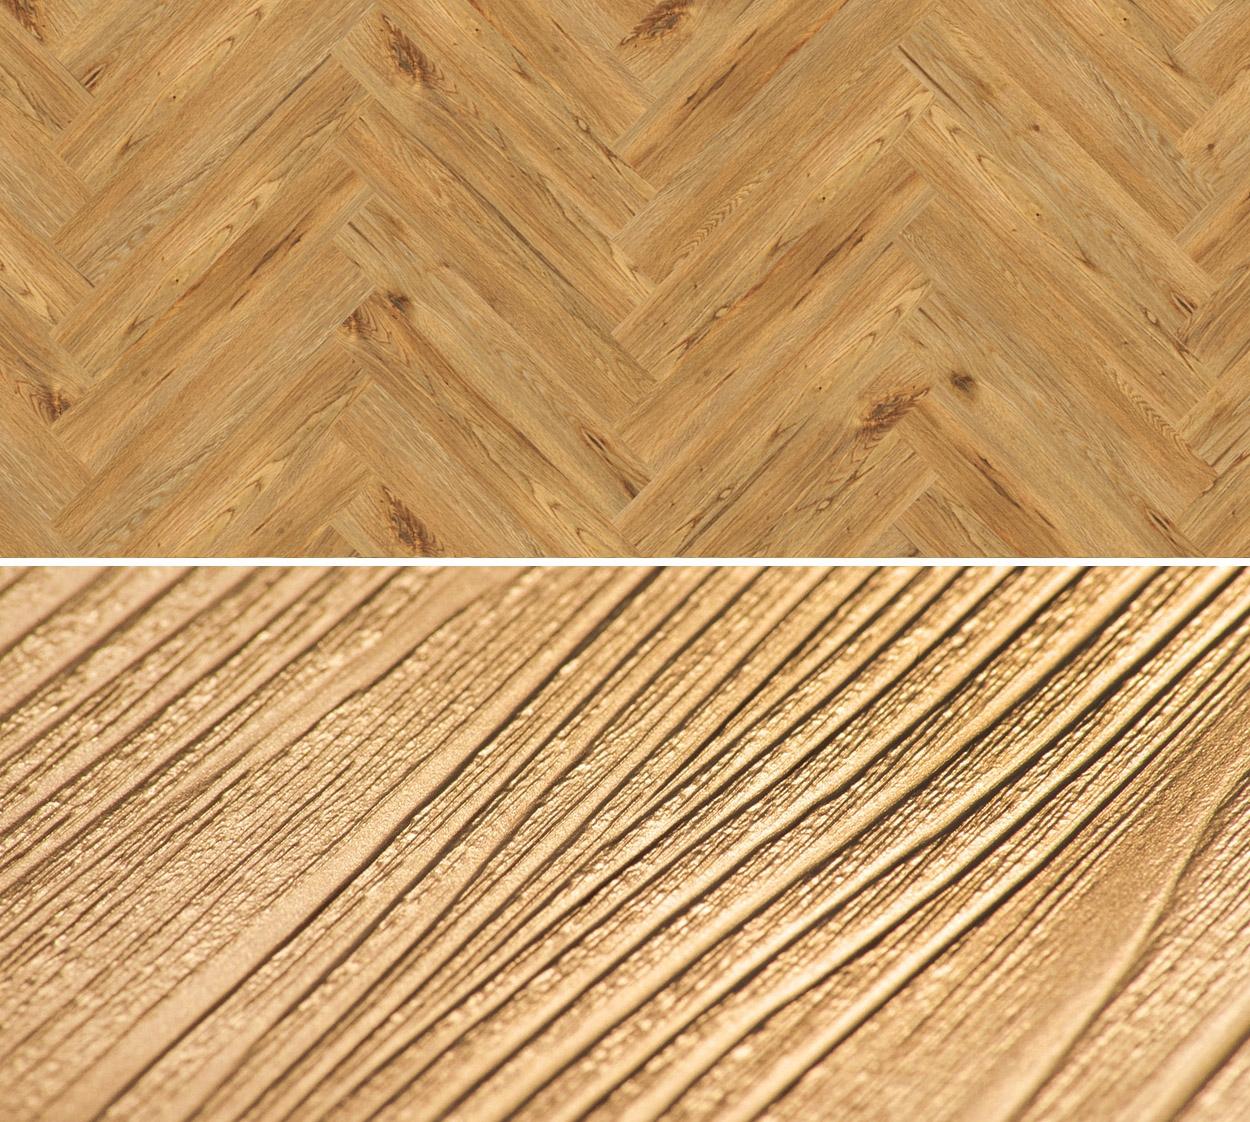 Vinylové podlahy Project Floors PW 3840 HB